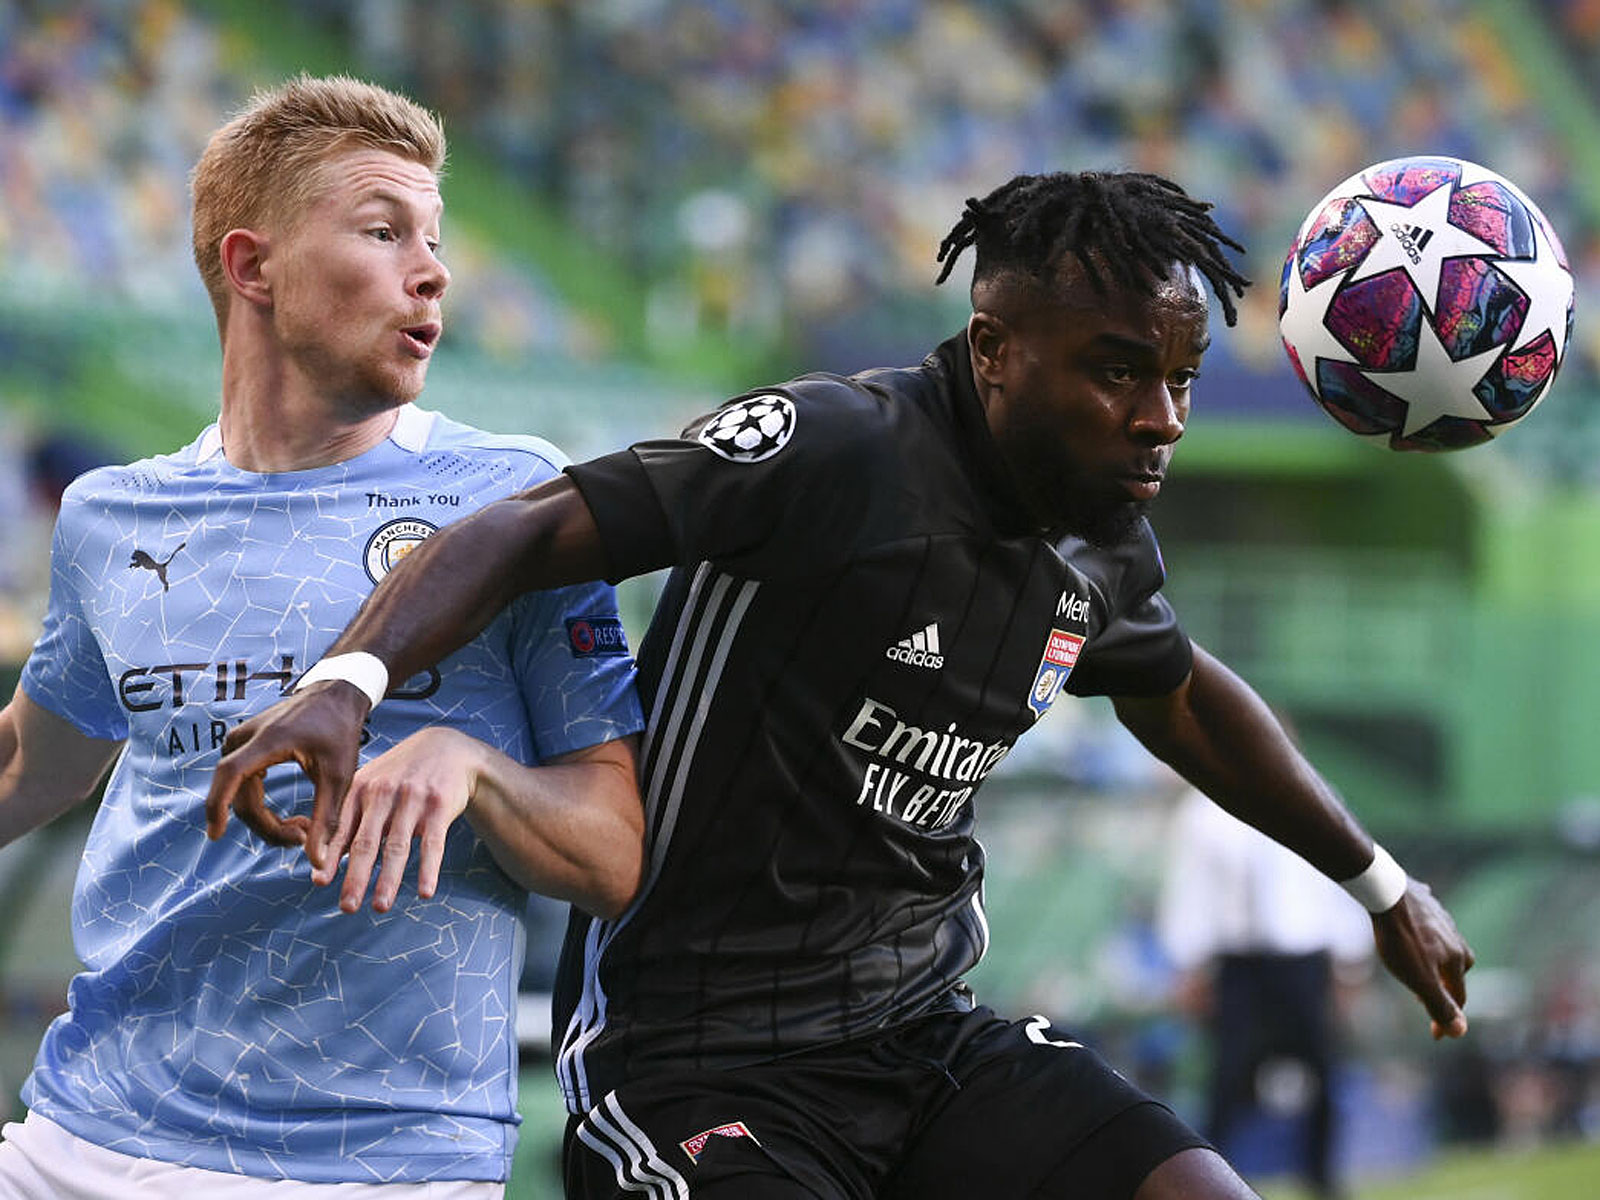 Manchester City kämpft gegen Olympique Lyon um den Einzug ins CL-Halbfinale.